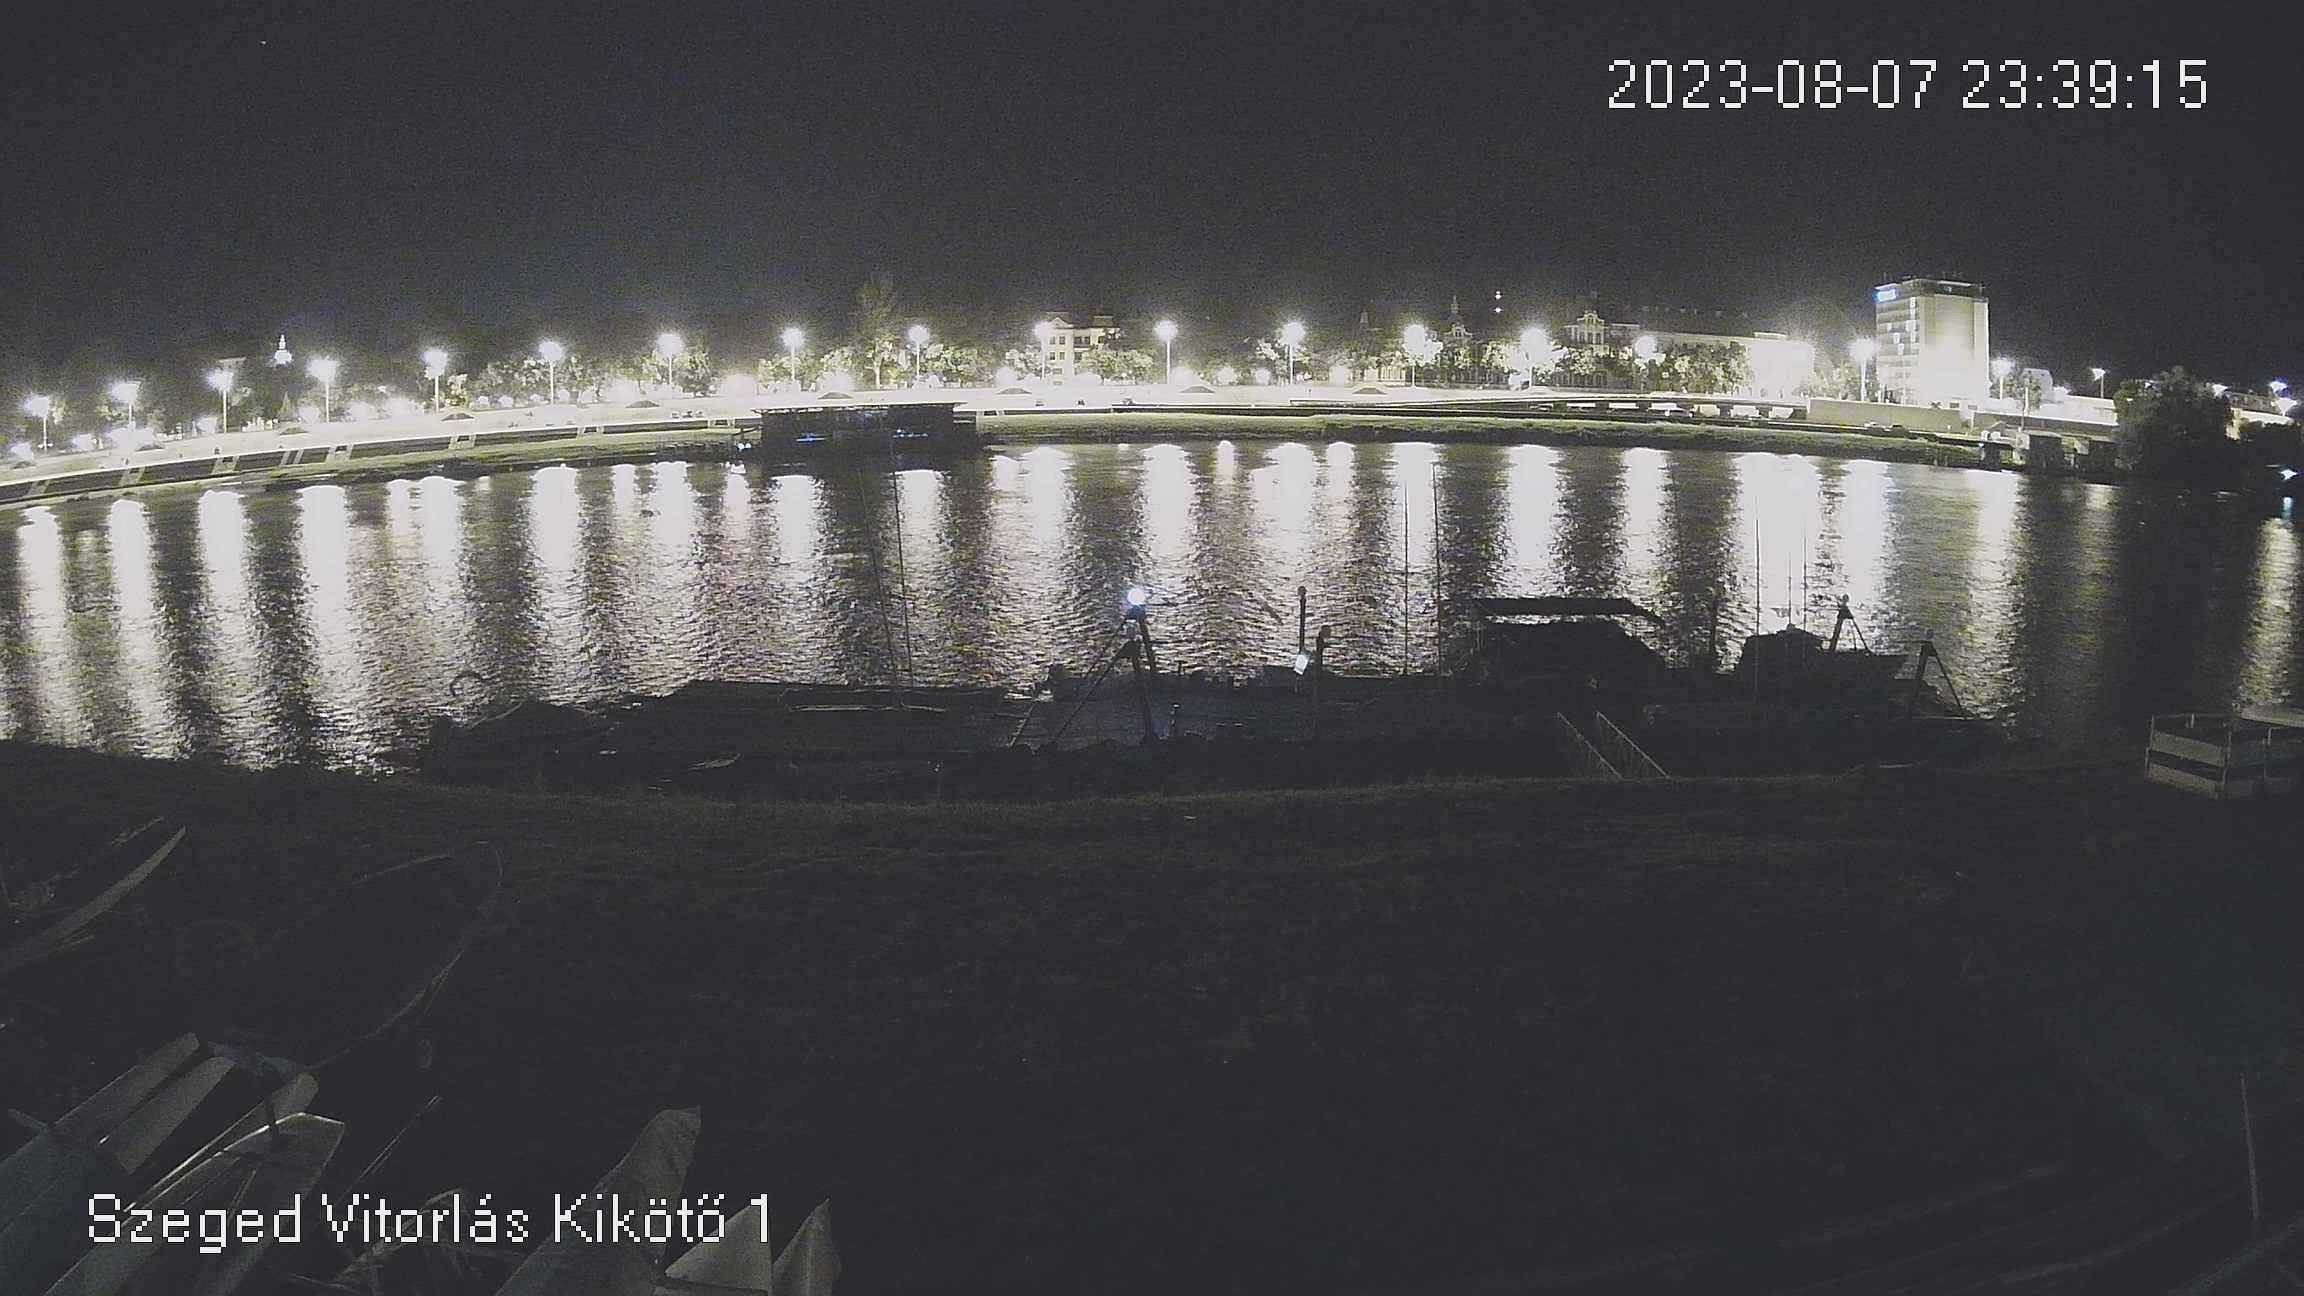 Szeged Vitorlás Kikötő Élő  Webkamera